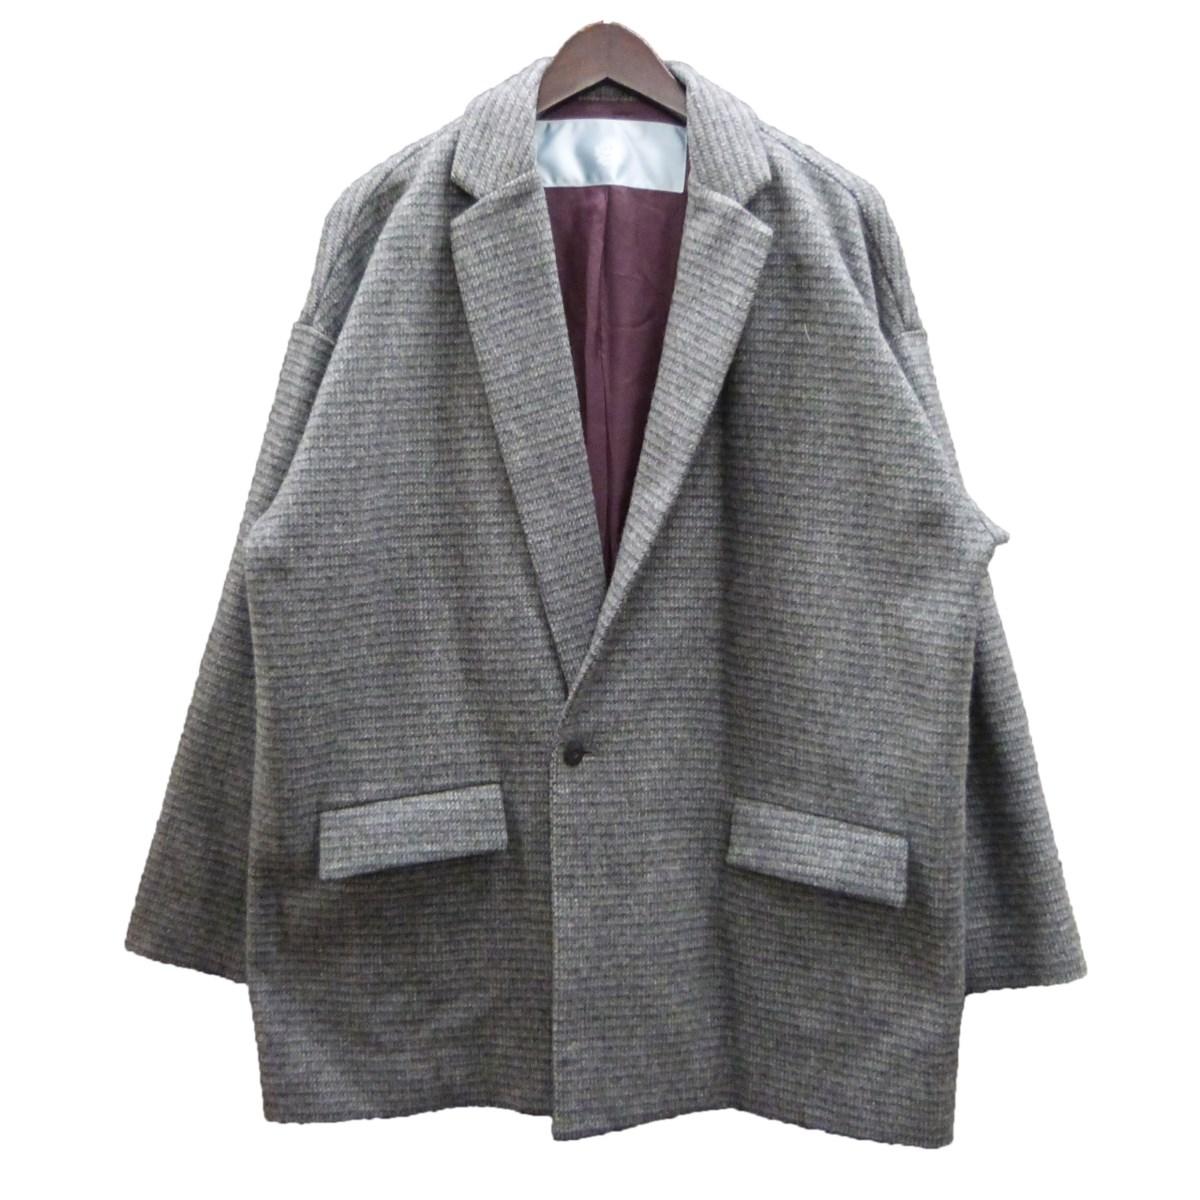 【中古】Dulcamara よそいき1Bジャケット グレー サイズ:1 【130820】(ドゥルカマラ)